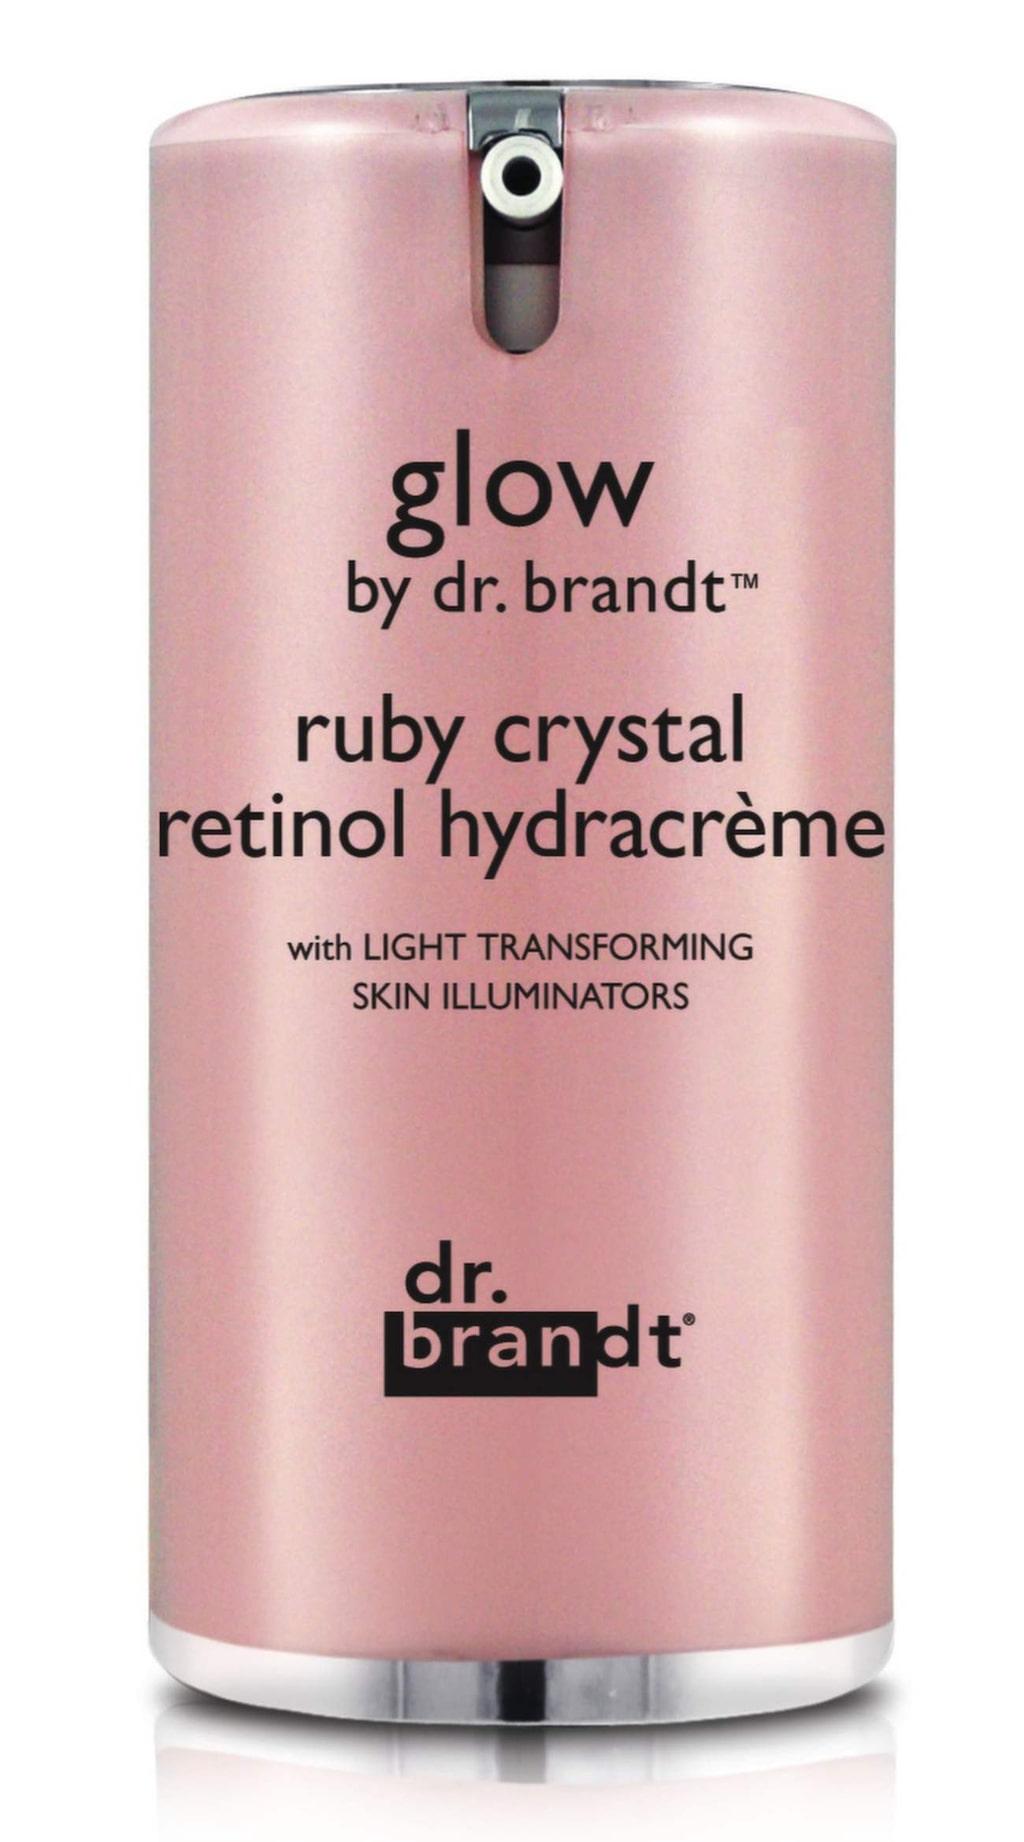 Ansiktskräm med ruby-kristaller som ger huden fin lyster. Glow Ruby Crystal Retinol Hydracrème från dr. Brandt, ca 715 kronor.